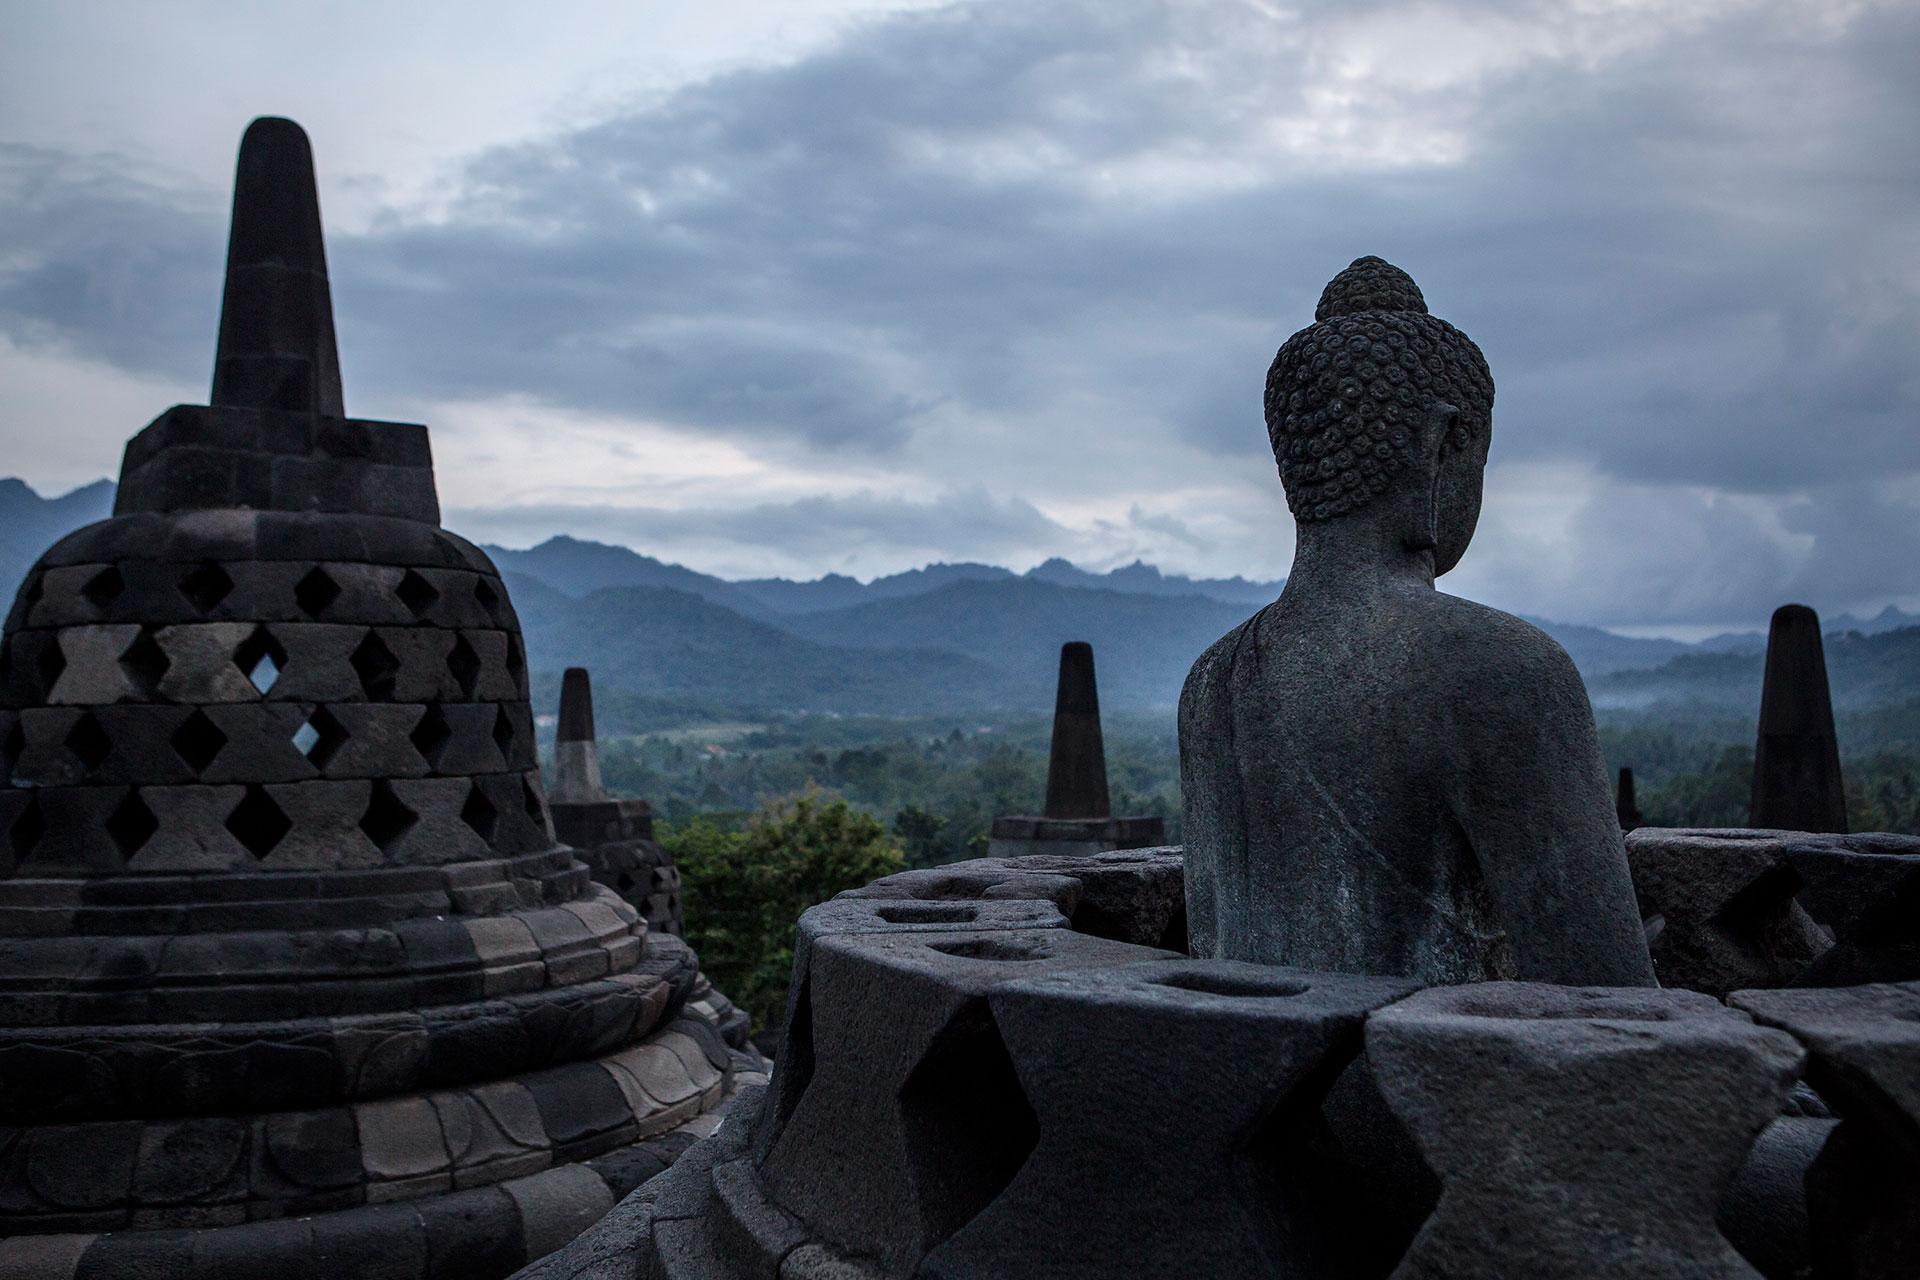 Una estatua del Buda en el templo Borobudur de Java, Indonesia, una de las atracciones turísticas más visitadas del país. (Getty)